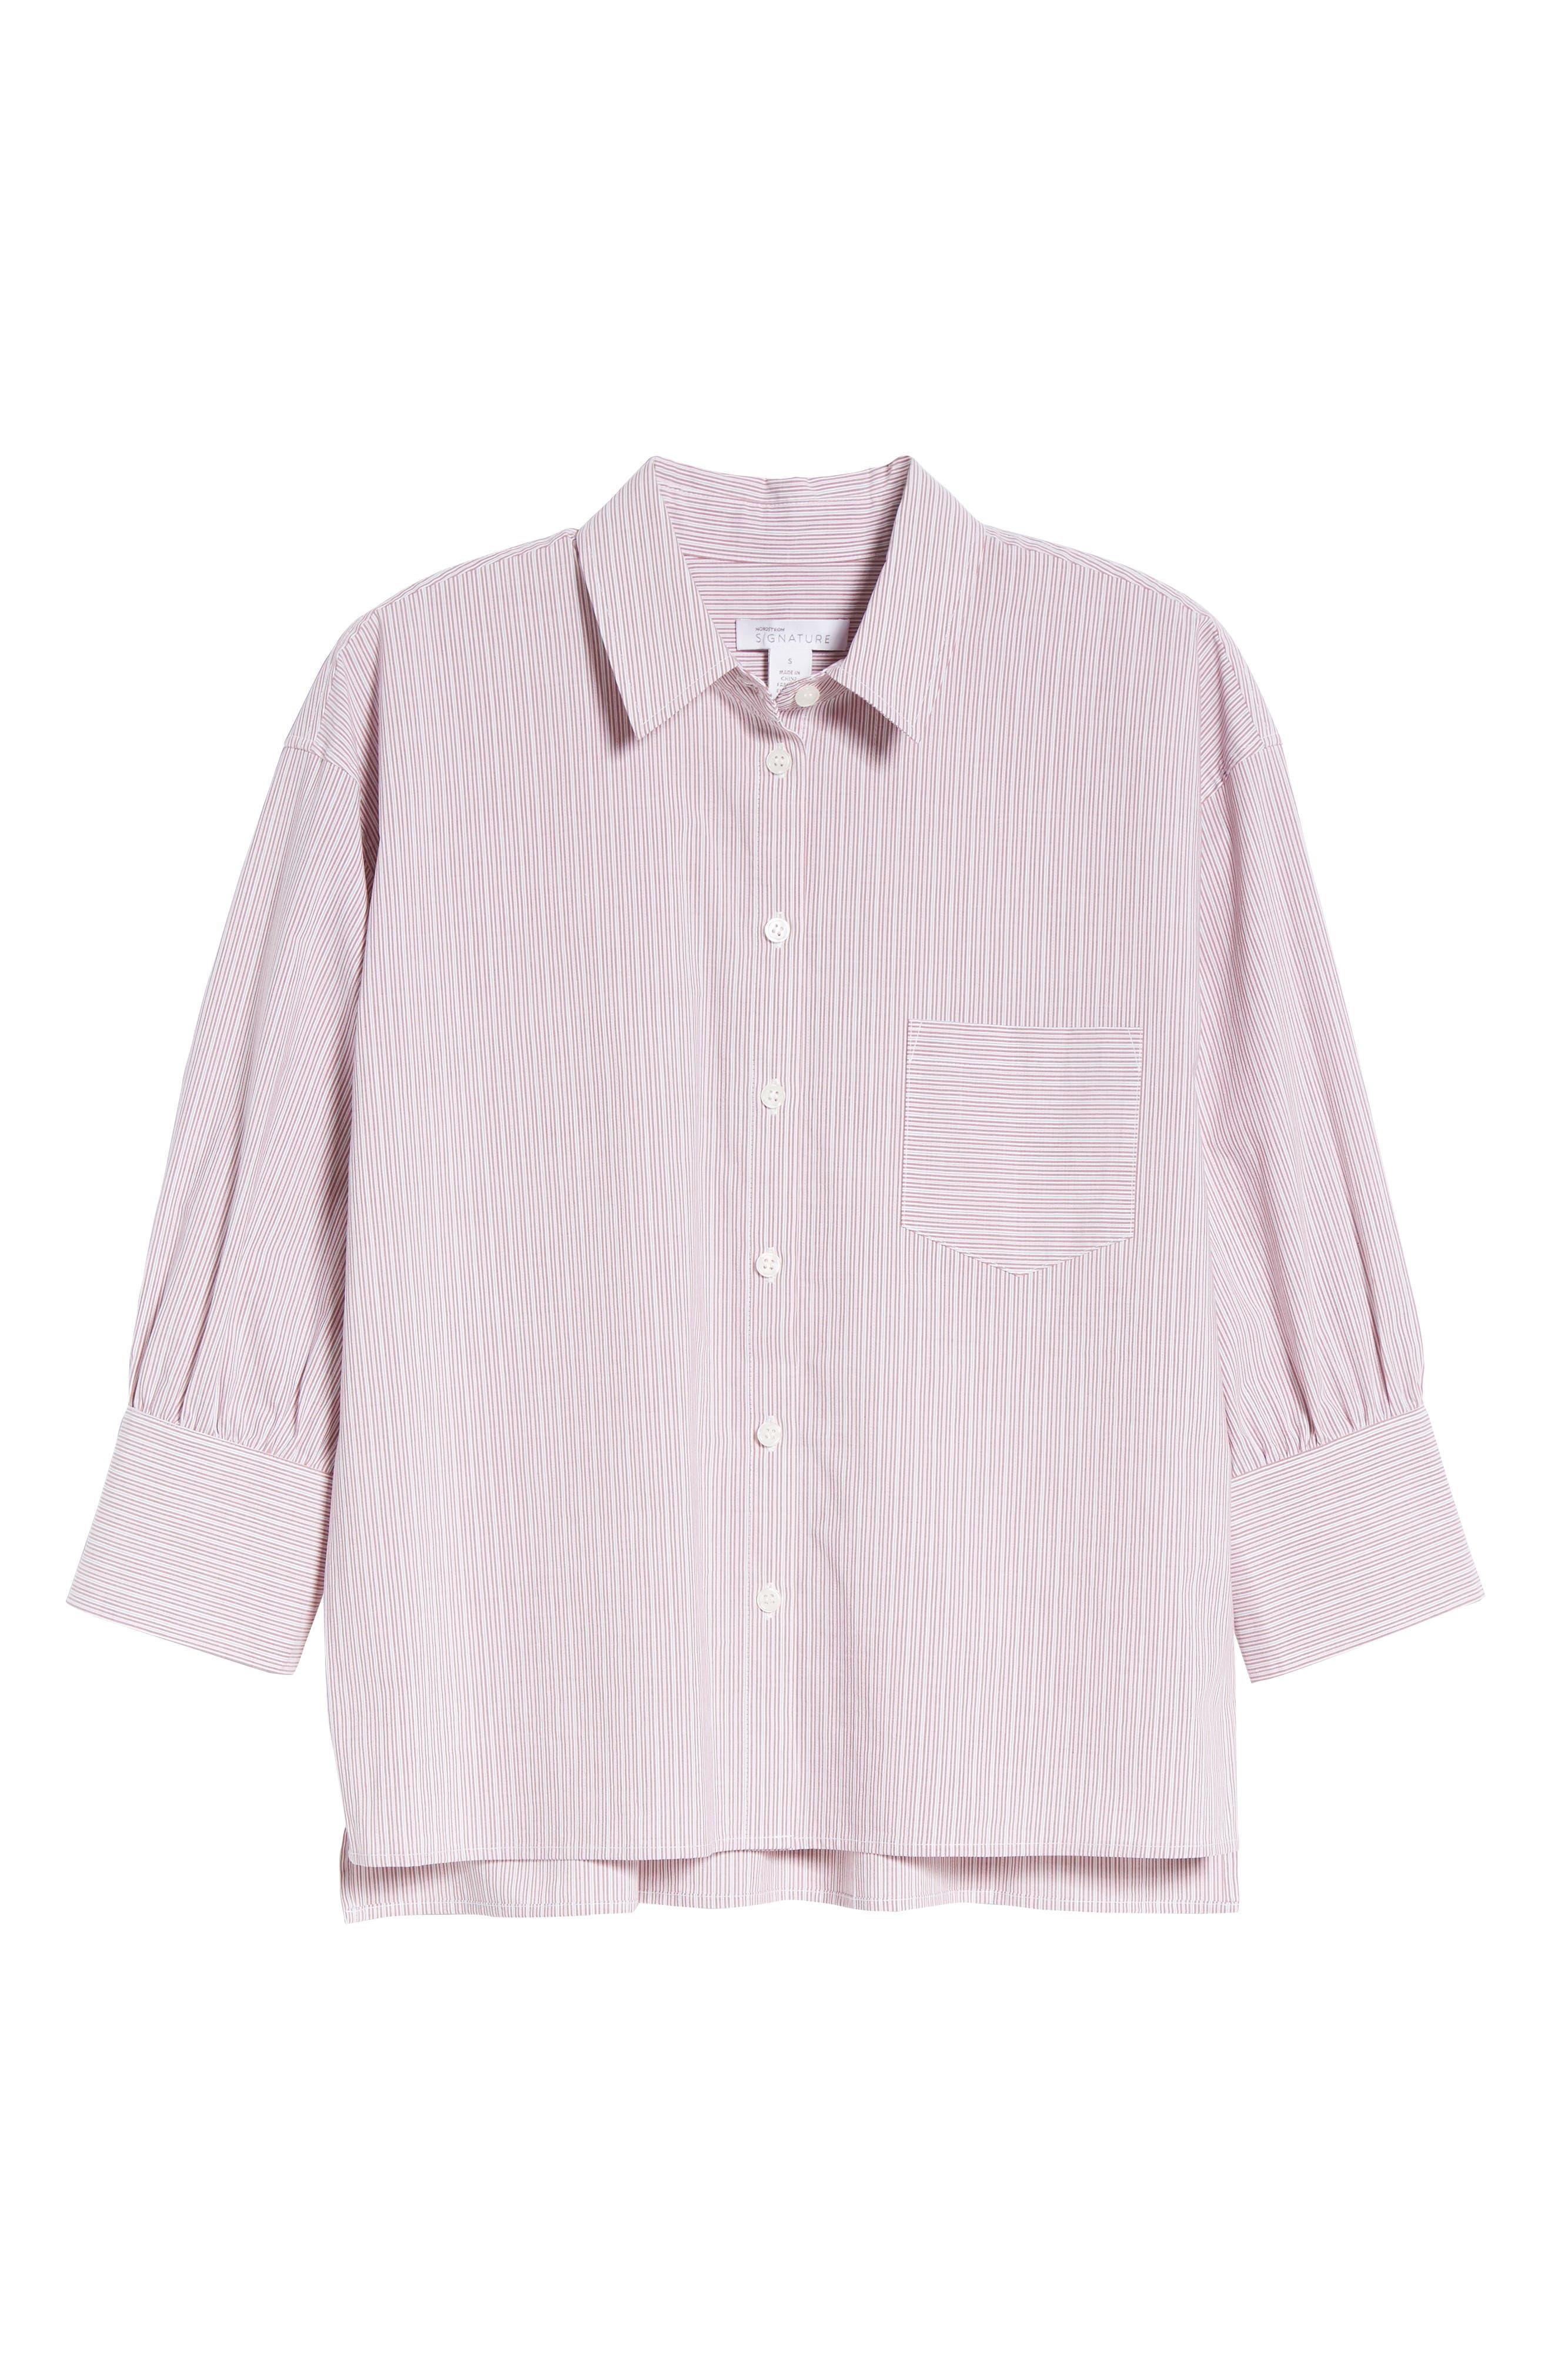 Stripe Shirt,                             Alternate thumbnail 6, color,                             938